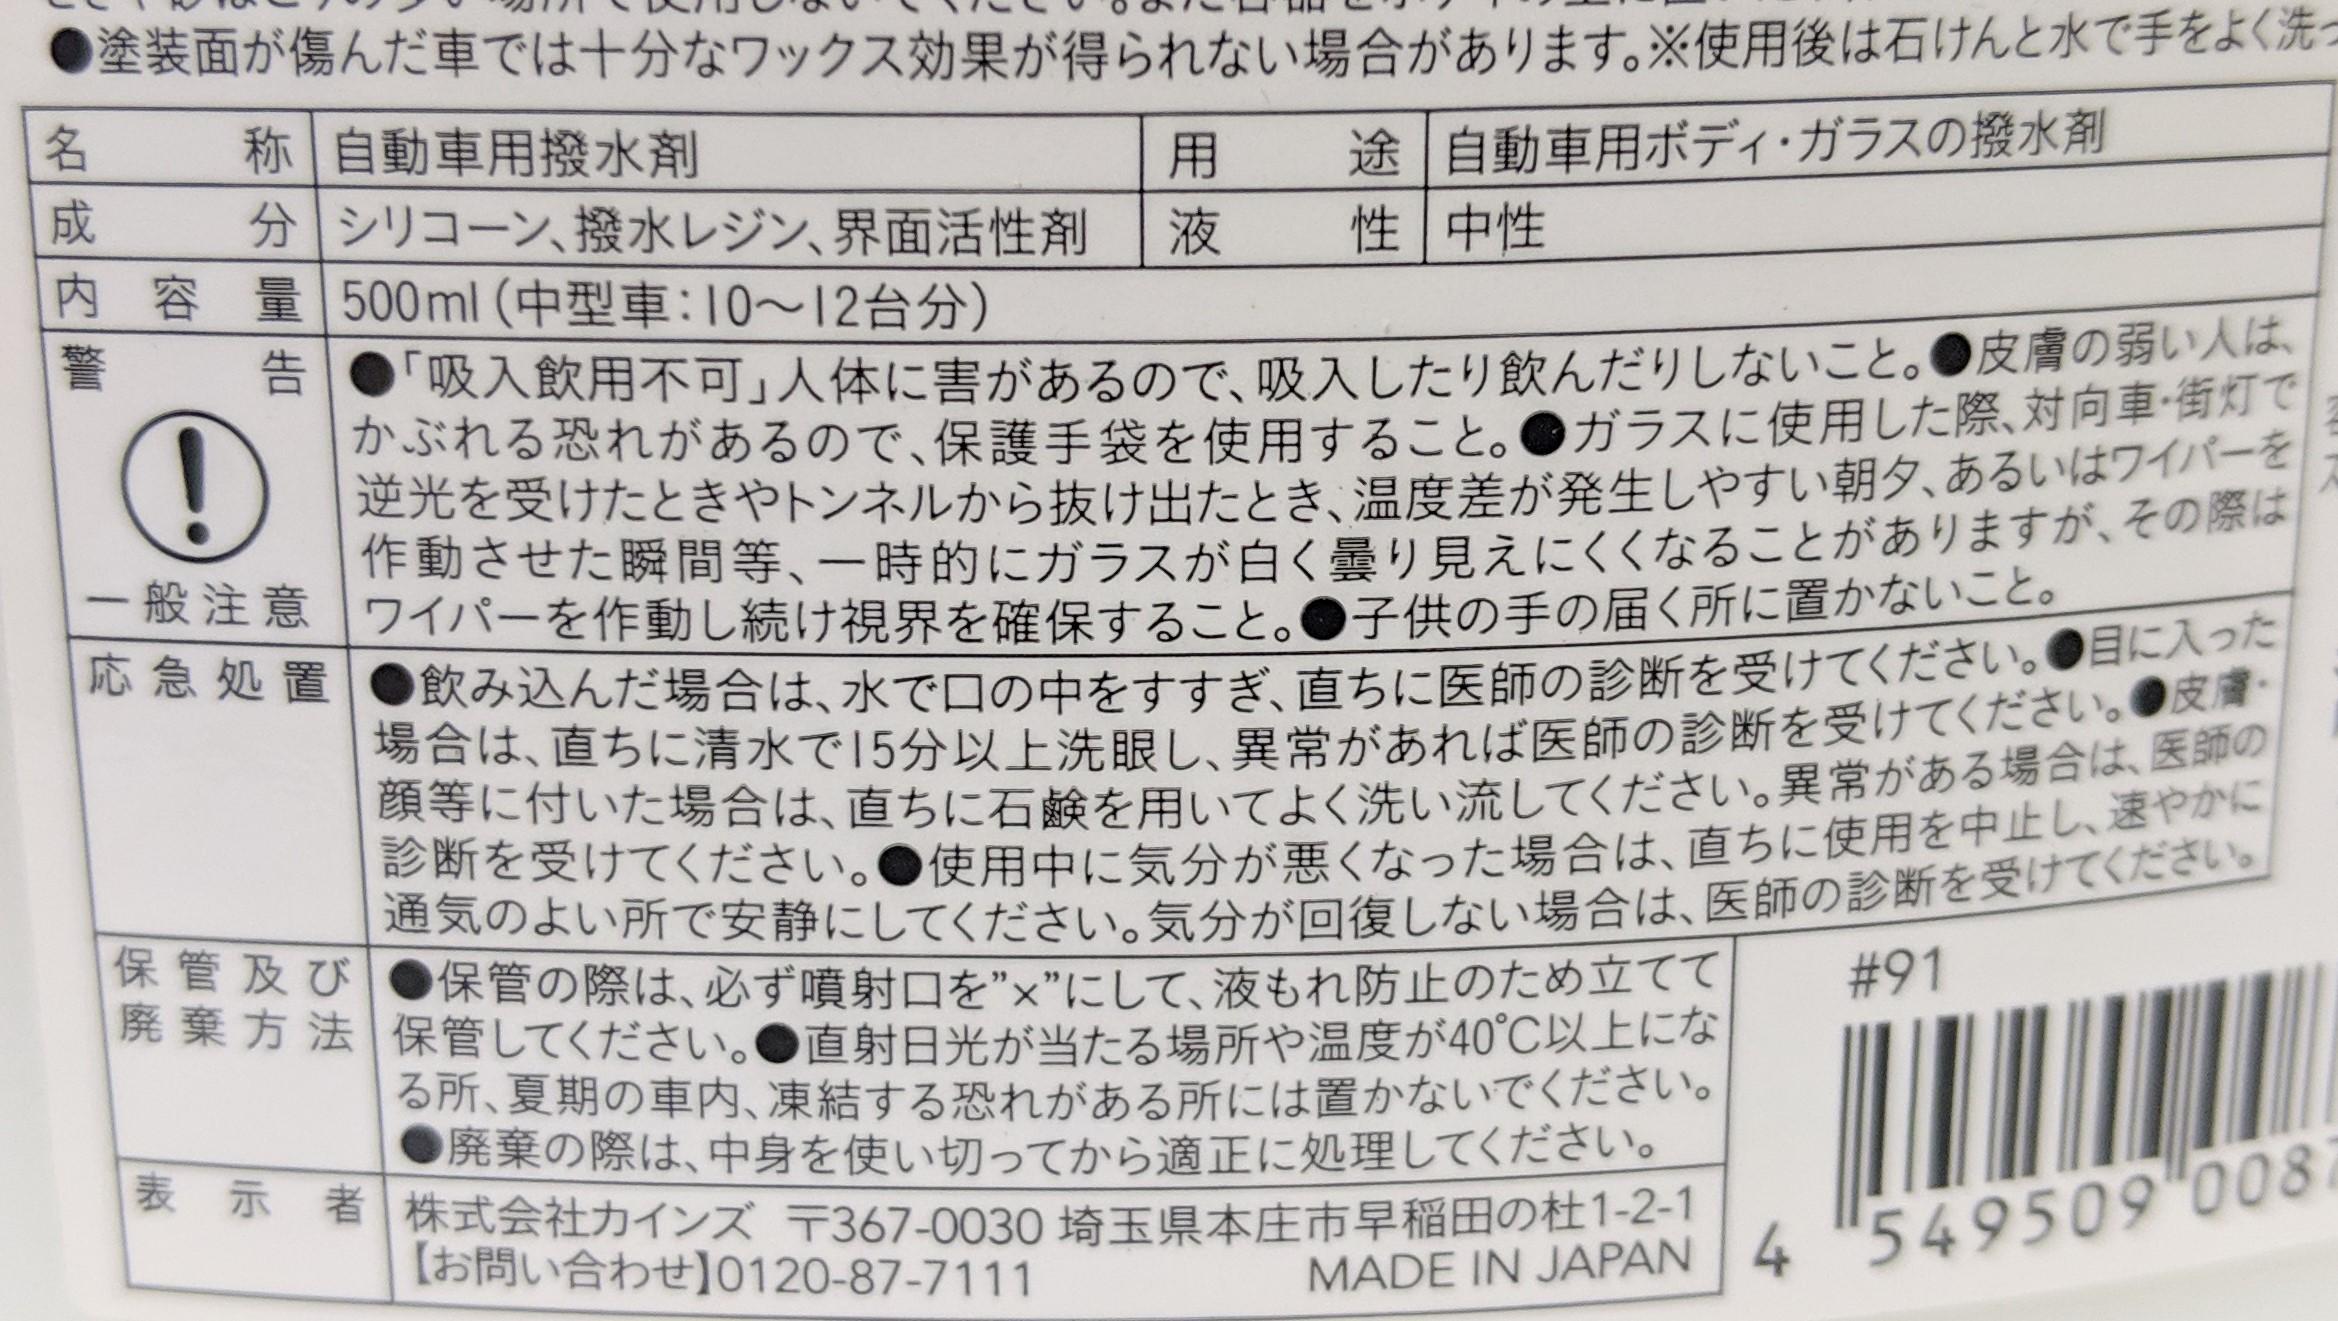 DSC_3281 カインズの「簡単艶ワックス」を使って効果を比較してみた